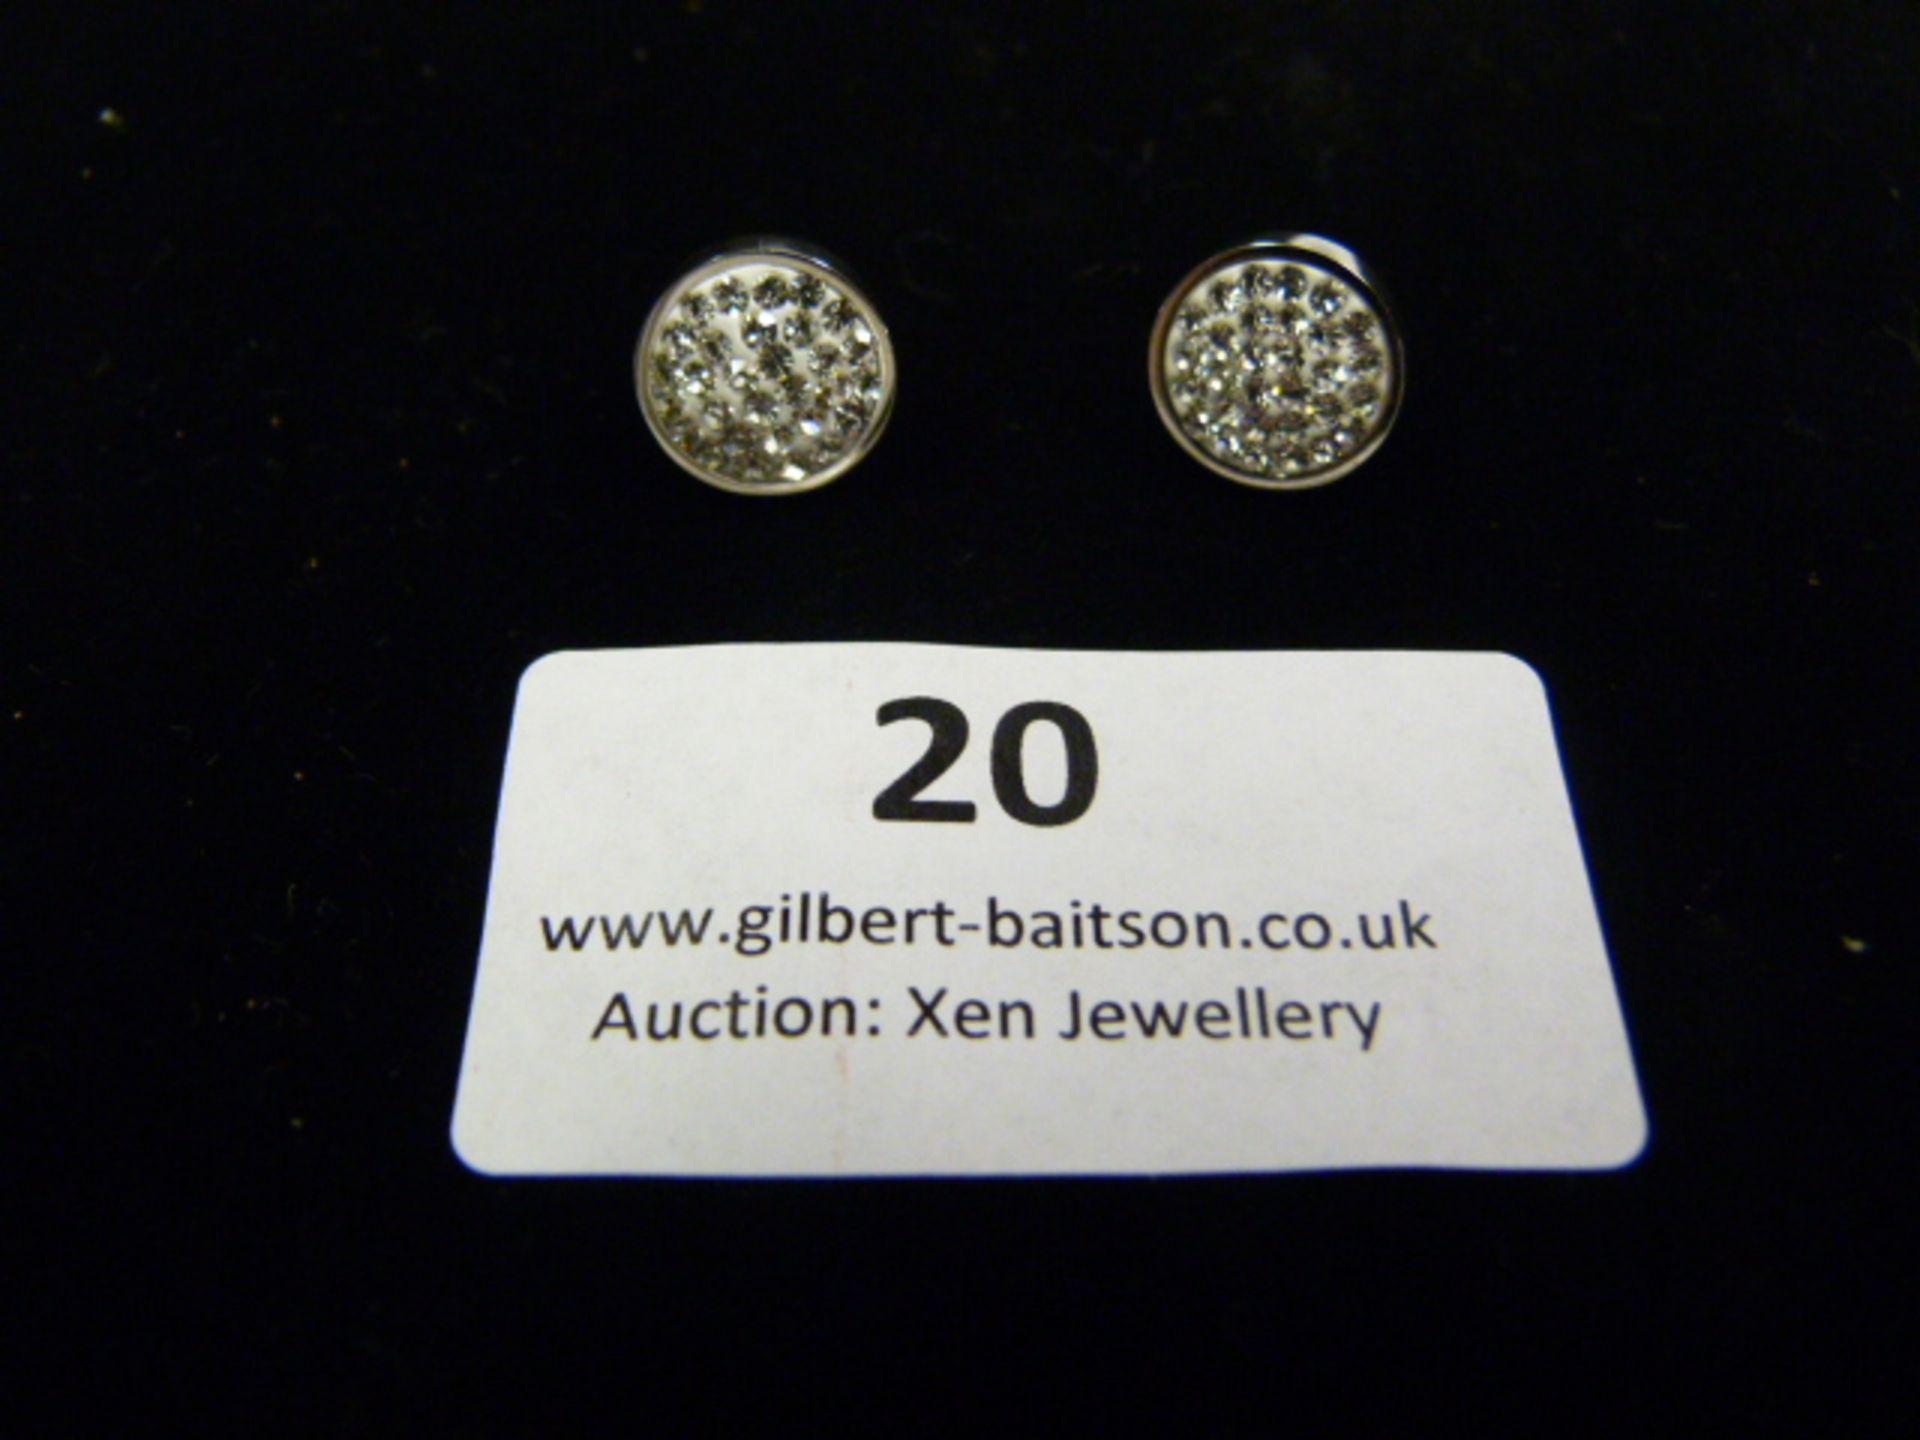 Lot 20 - *Pair of Coeur de Lion Round CZ Earrings